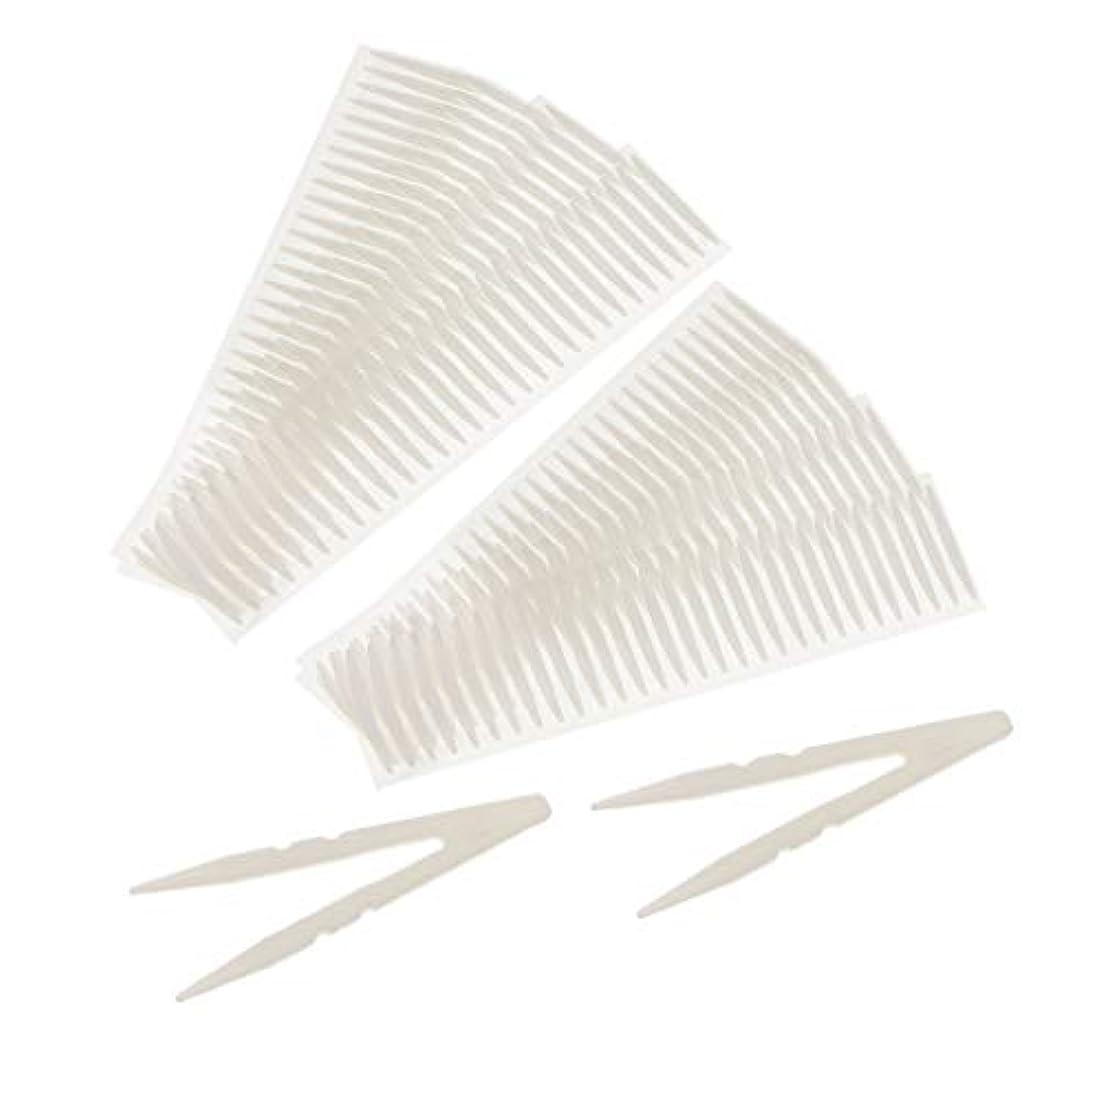 スノーケル清める怒り粘着性 両面粘着式 二重まぶたテープ 通気性 目に見えない 防水性 耐汗性 2サイズ選べ - ラウンドヘッド